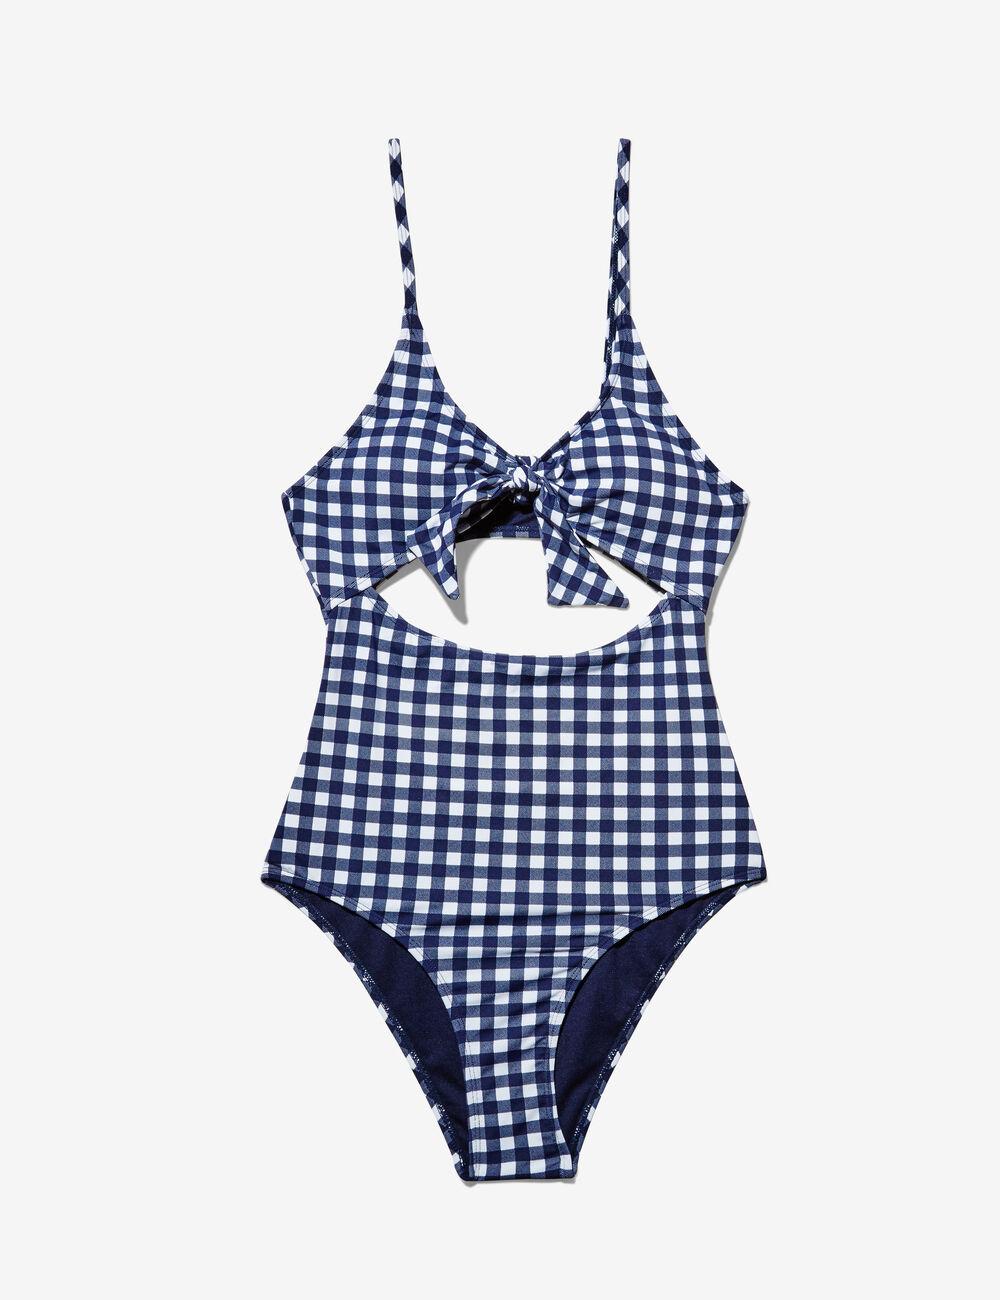 maillot de bain vichy bleu marine et cru femme jennyfer. Black Bedroom Furniture Sets. Home Design Ideas